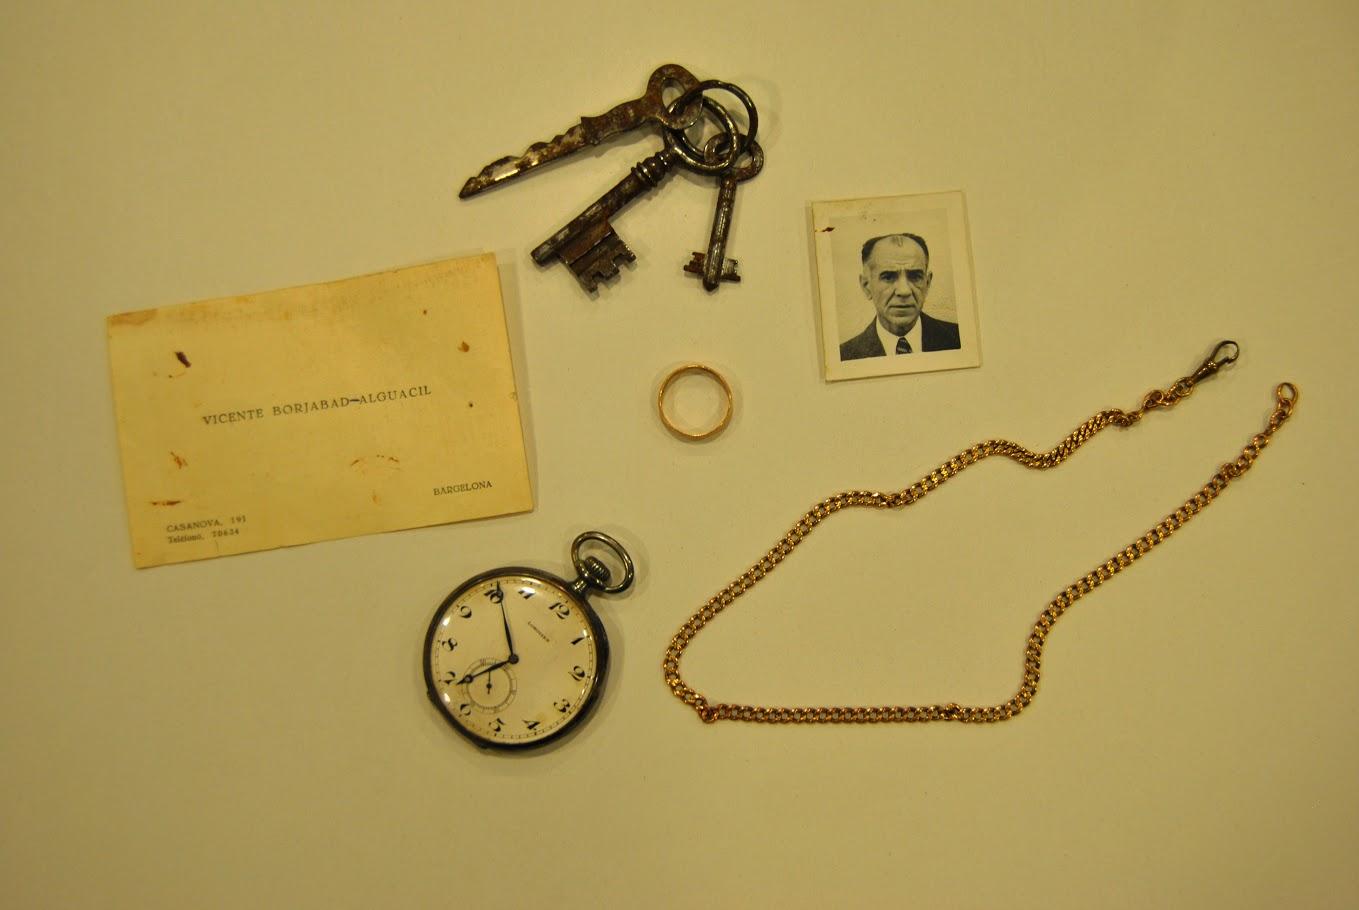 Objectes personals confiscats pels nazis